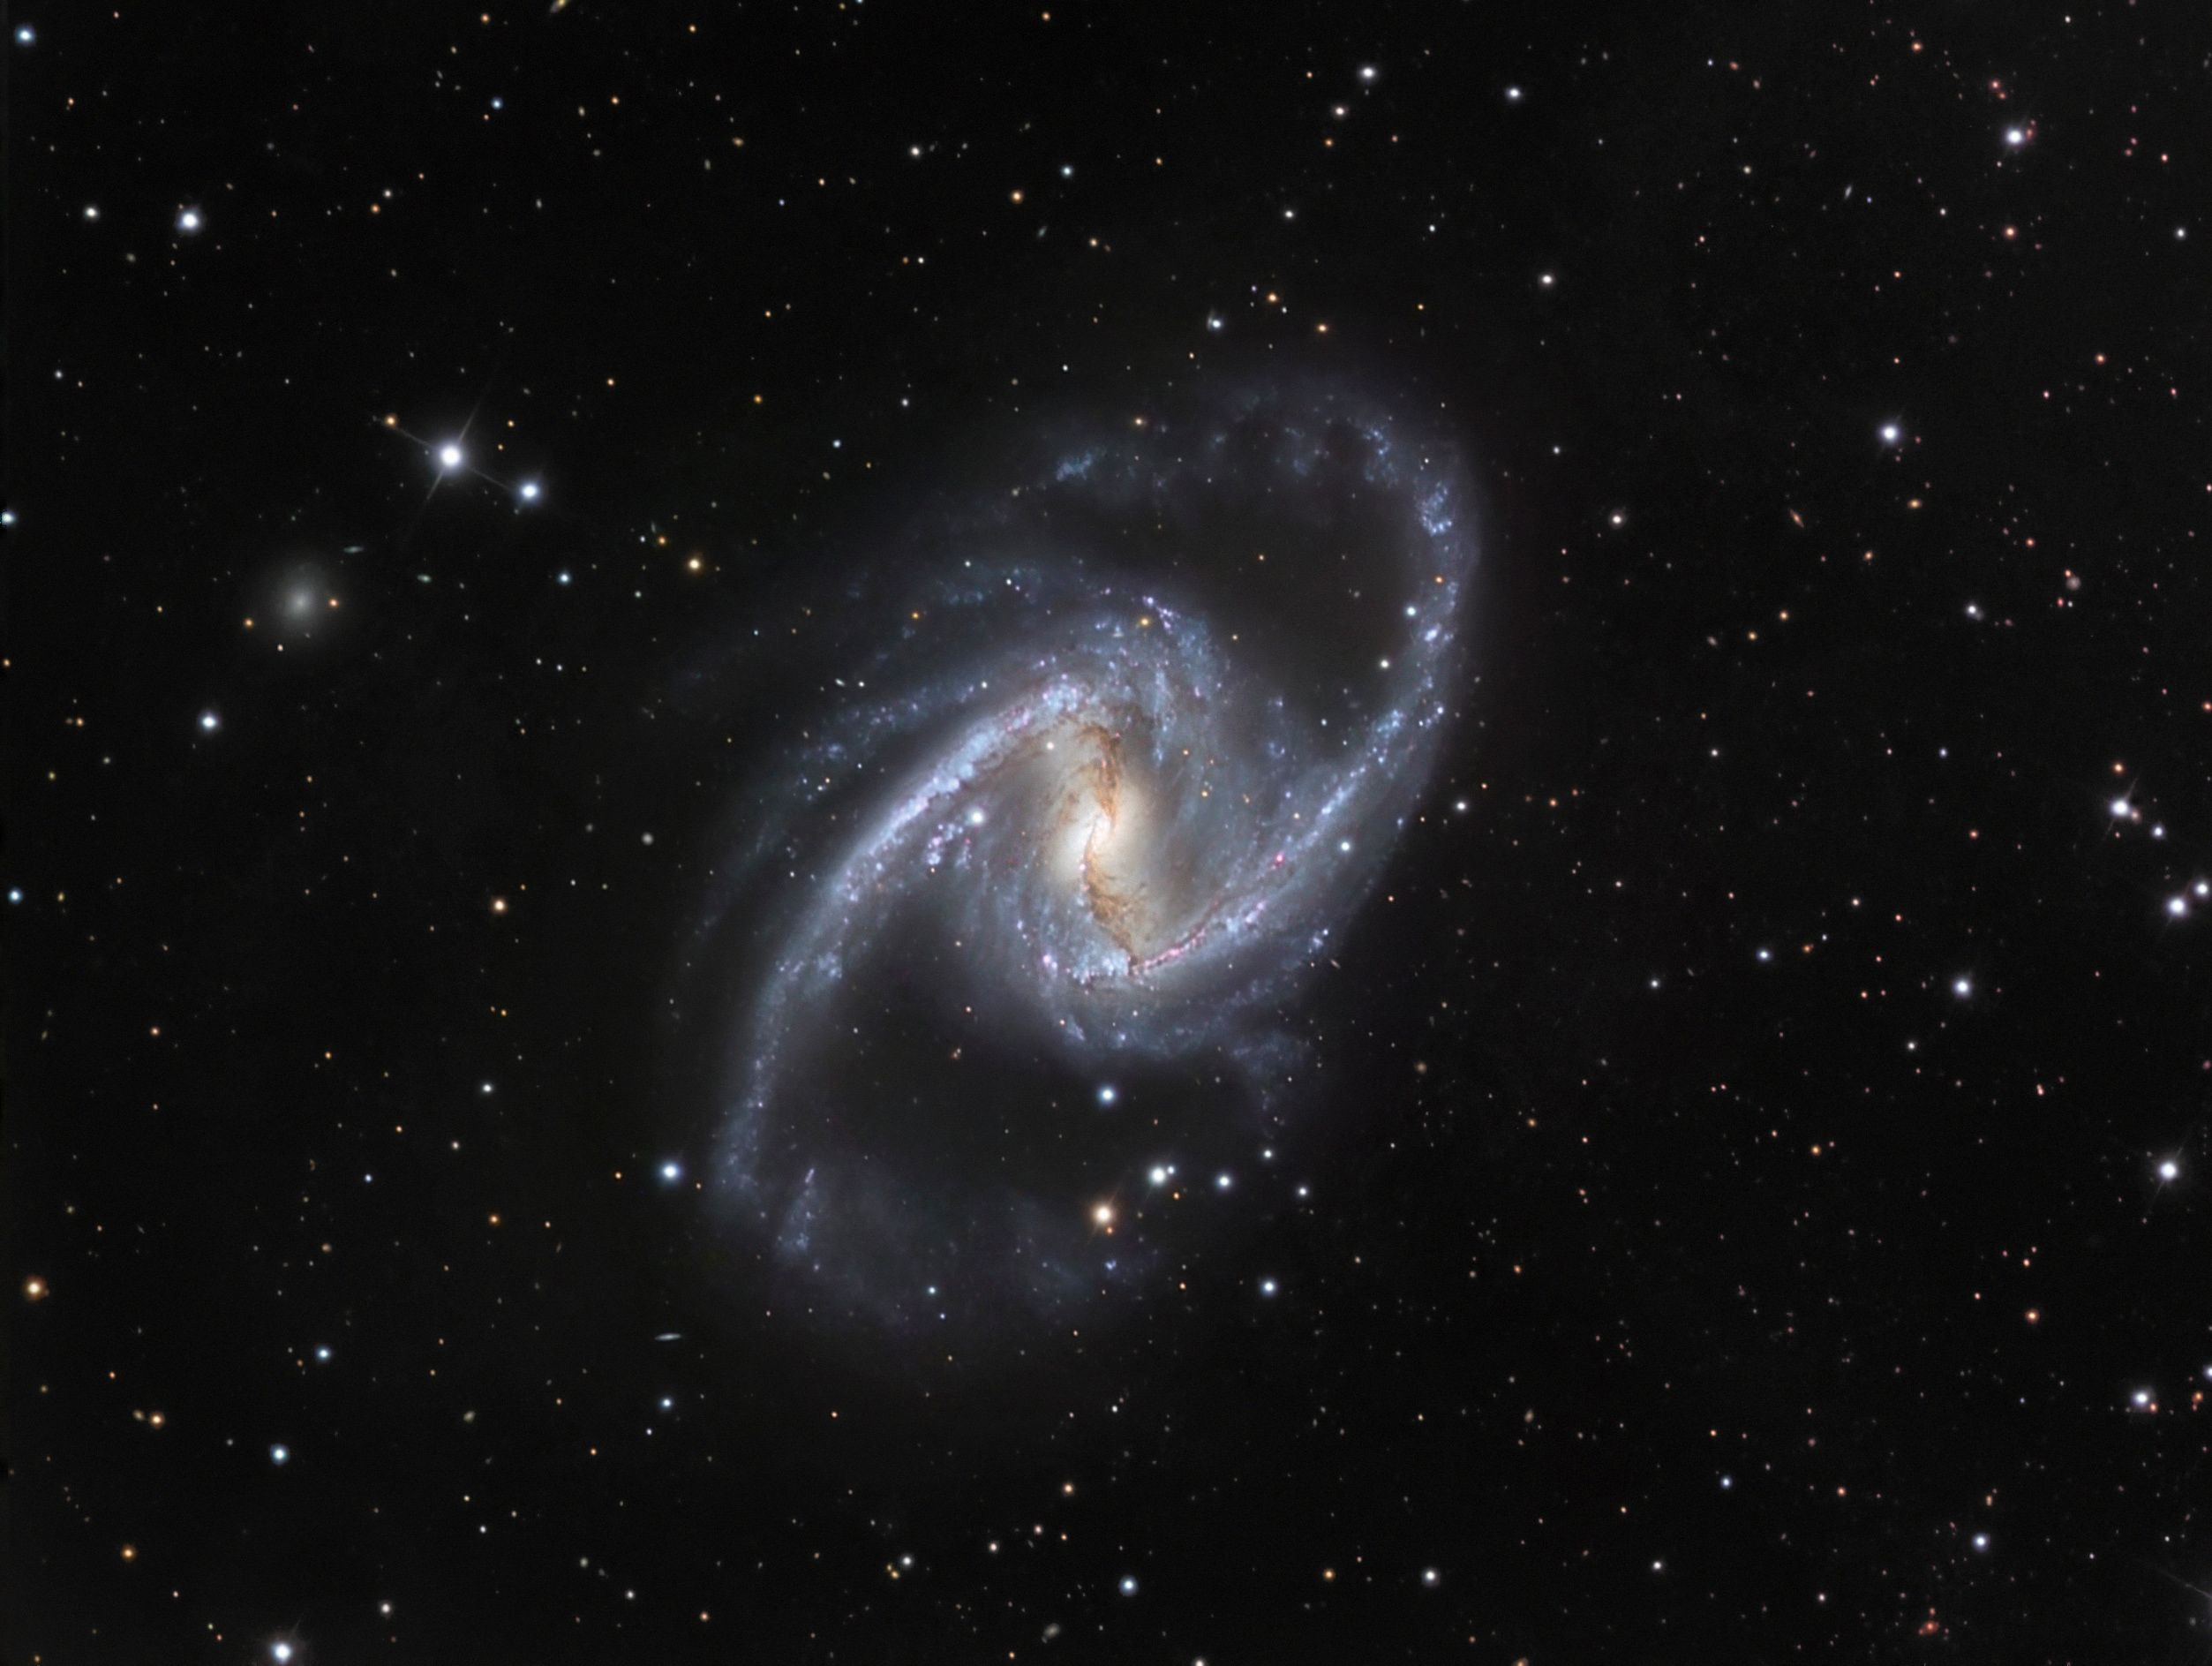 Cette étoile aurait 13,2 milliards d'années